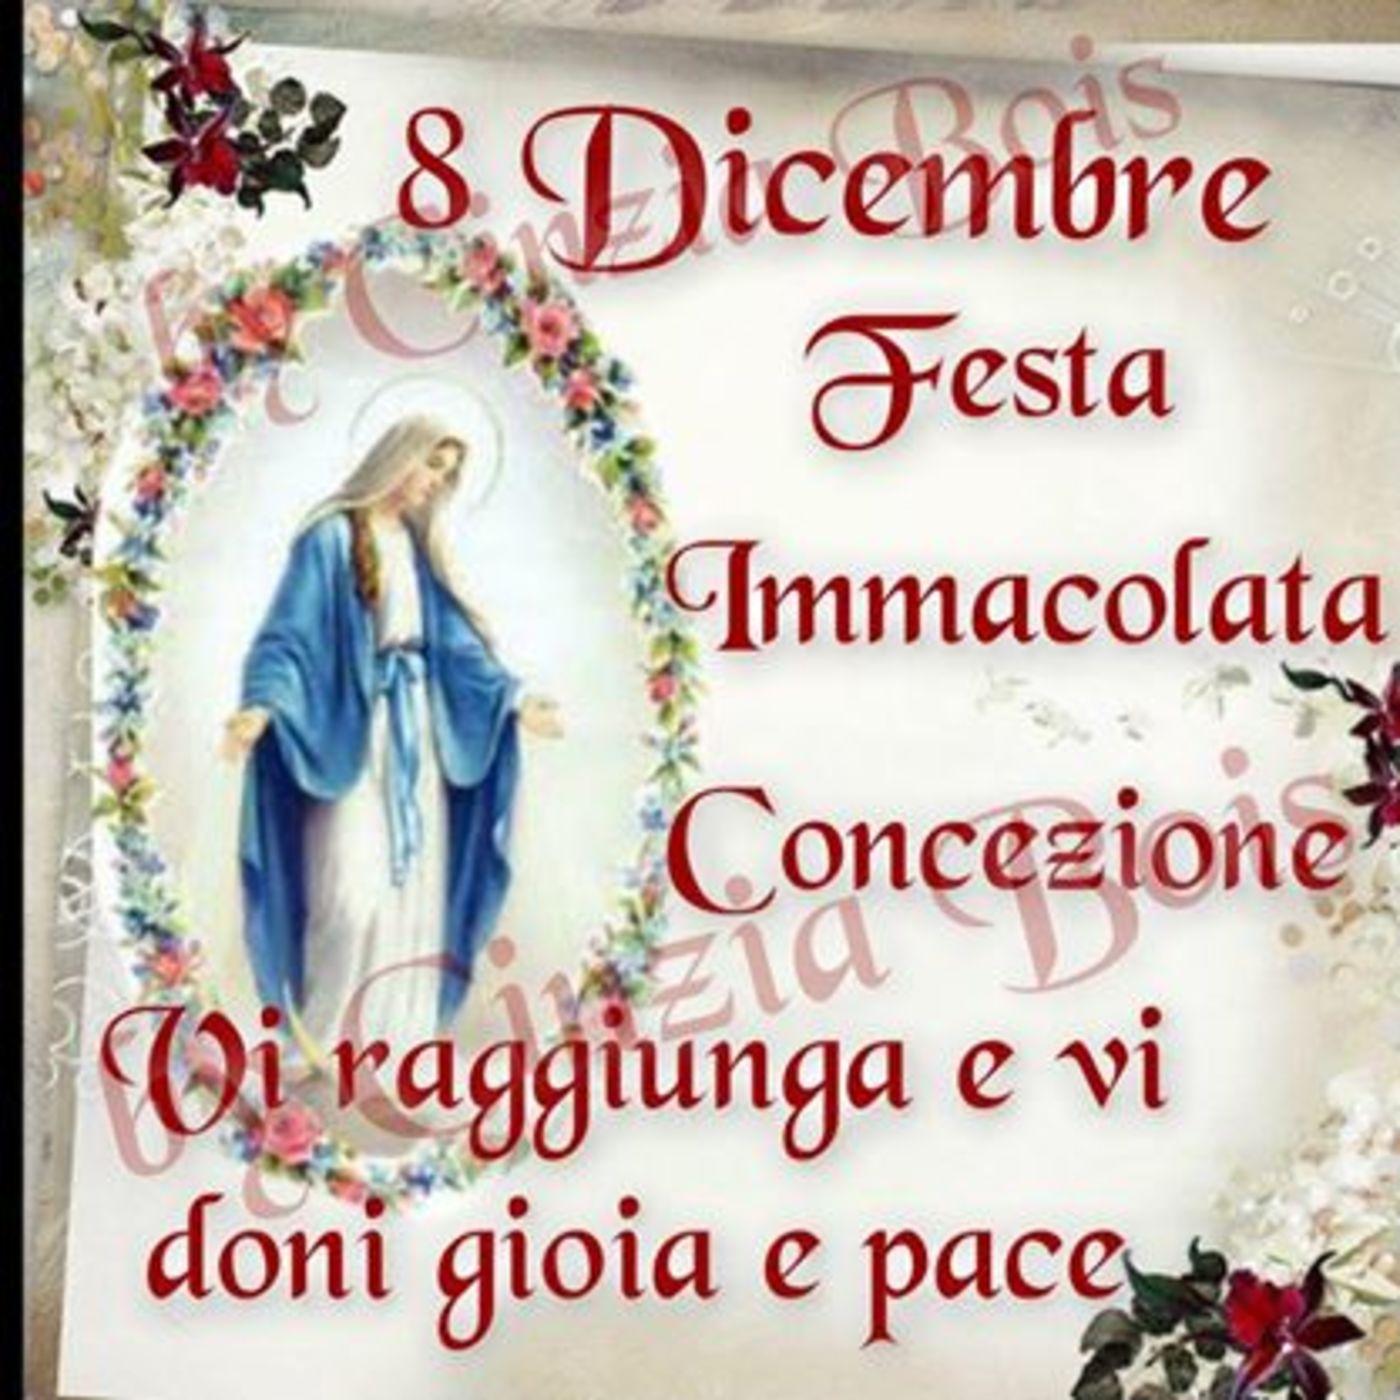 8 Dicembre Festa Immacolata Concezione